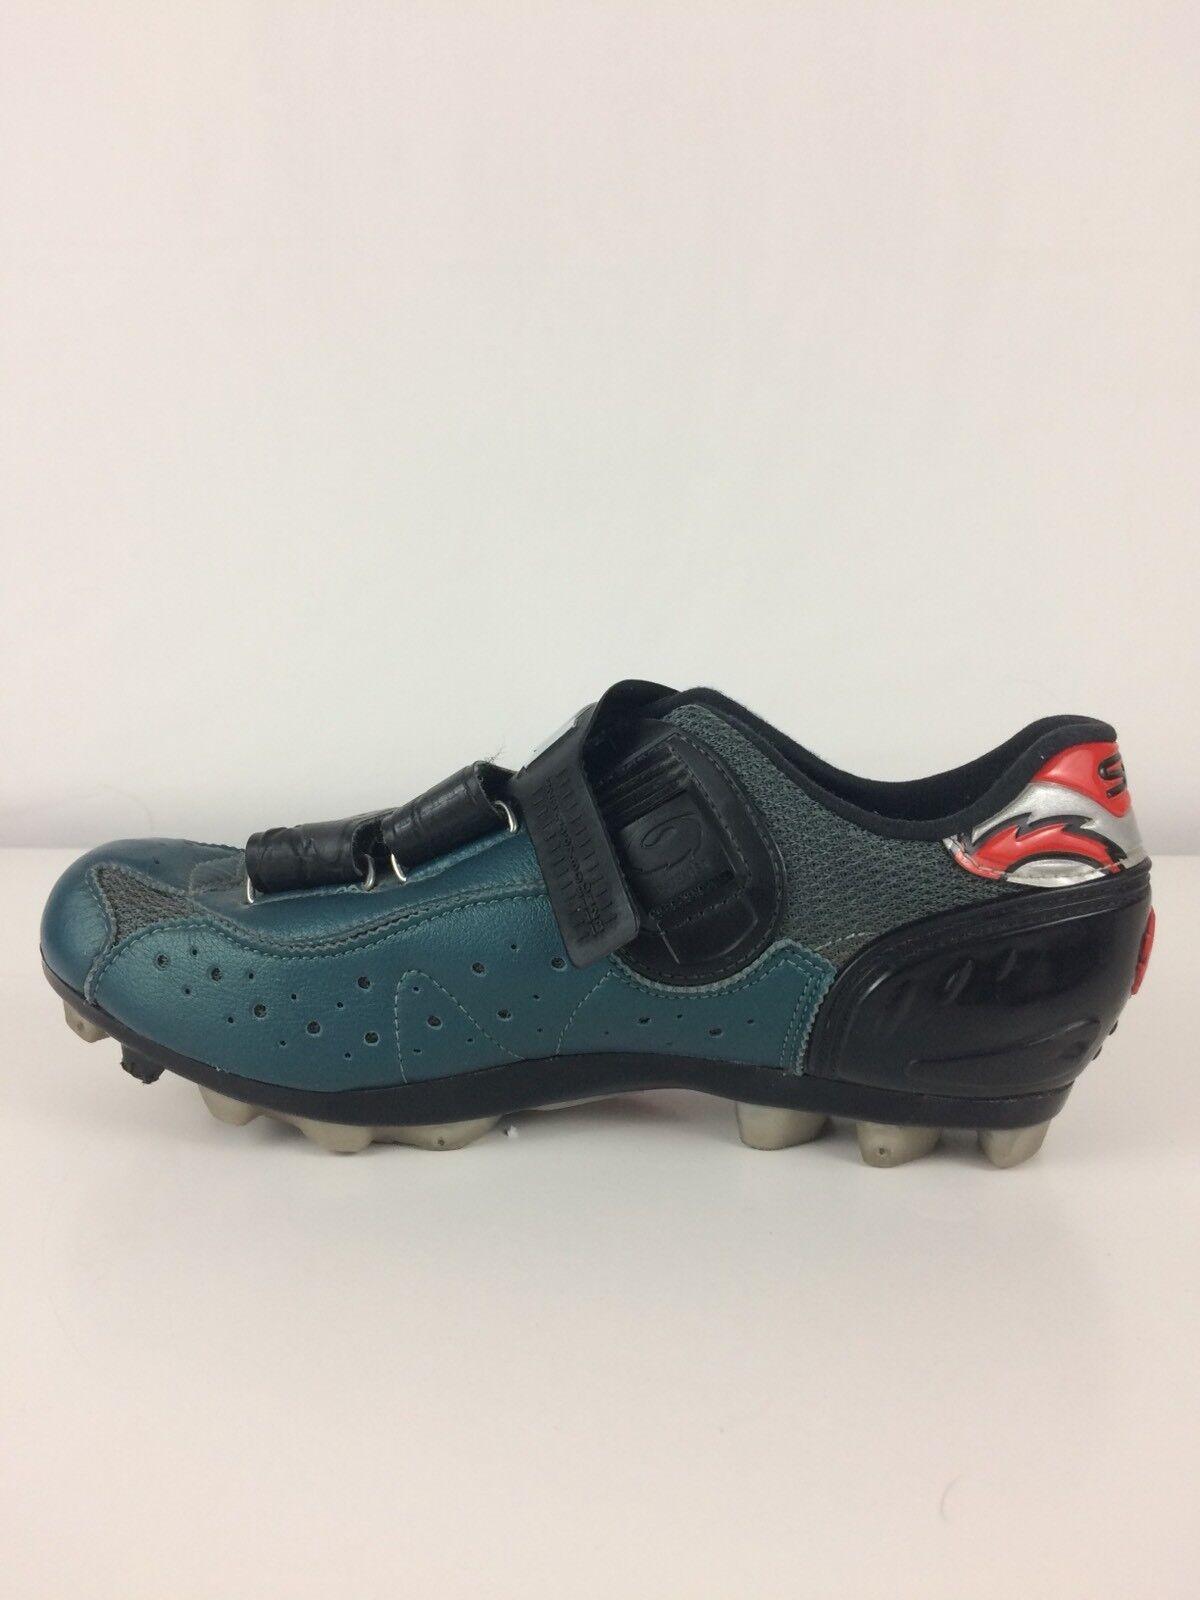 Sidi Dominator 4 Ciclismo Zapatos Talle 6 EE. UU. para hombre para mujer 7 verde Esmeralda